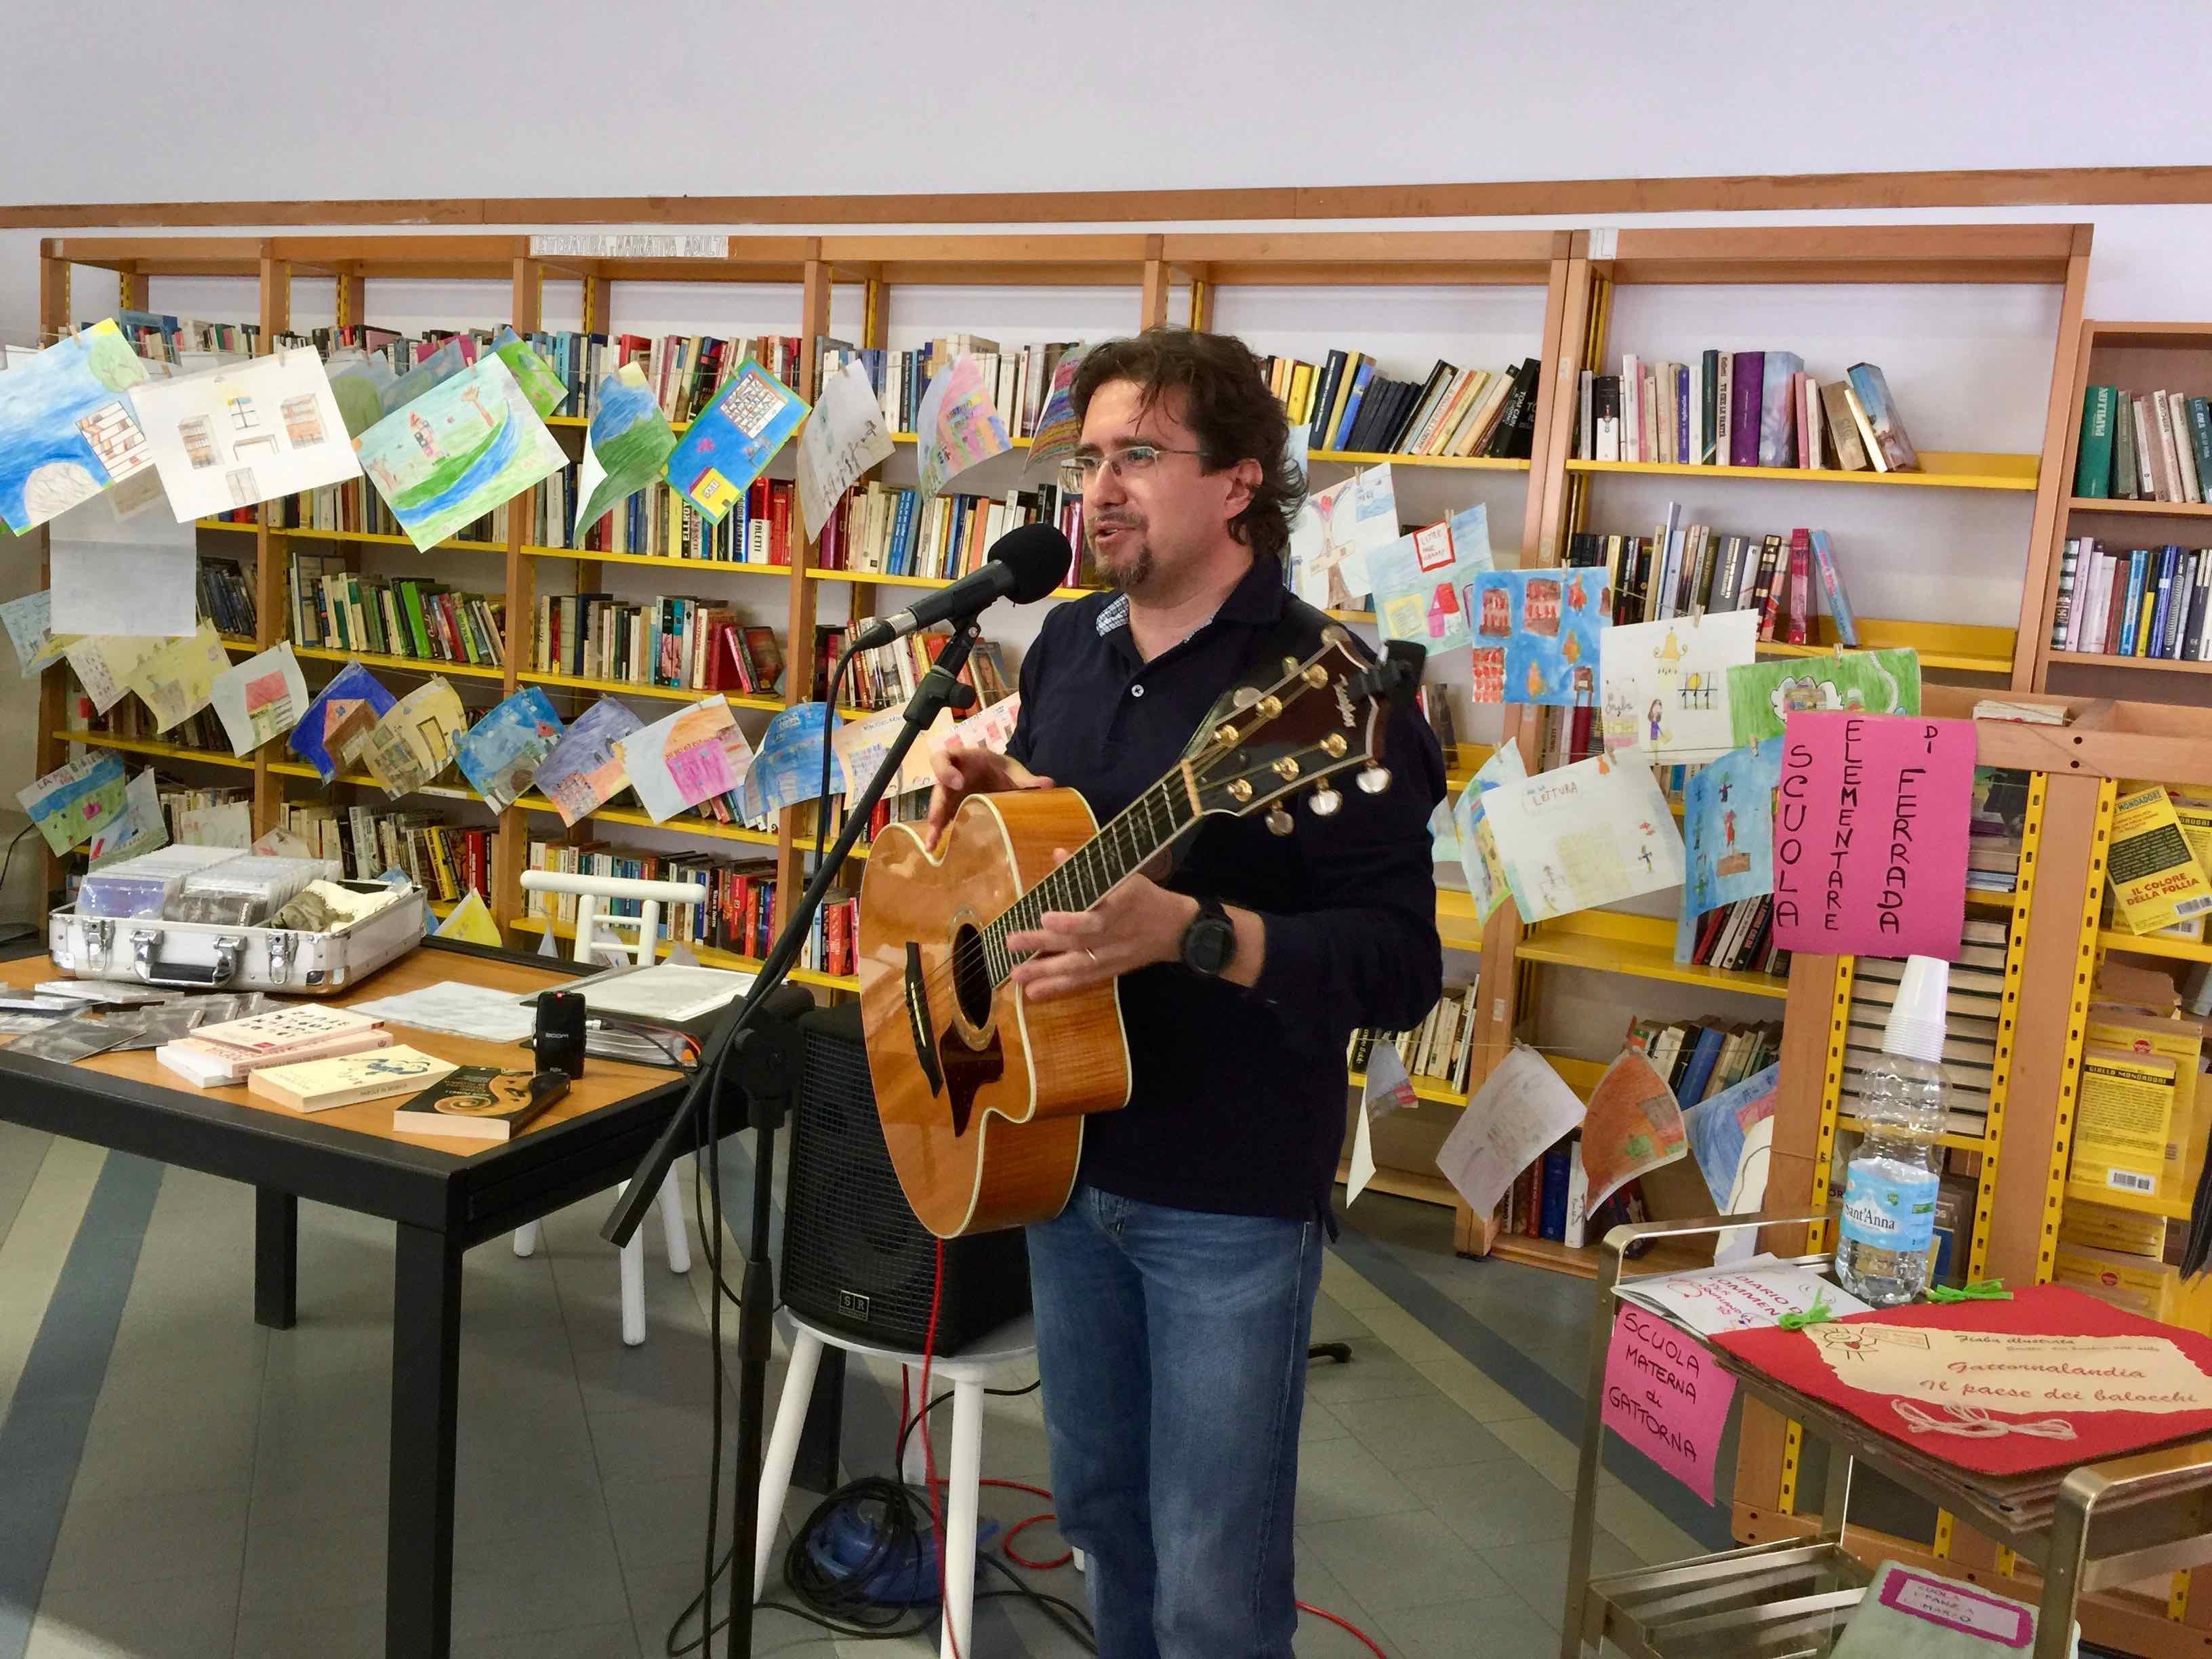 Parole per musica - Incontro con il cantautore Roberto Frugone Gattorna 2017.05.20 02